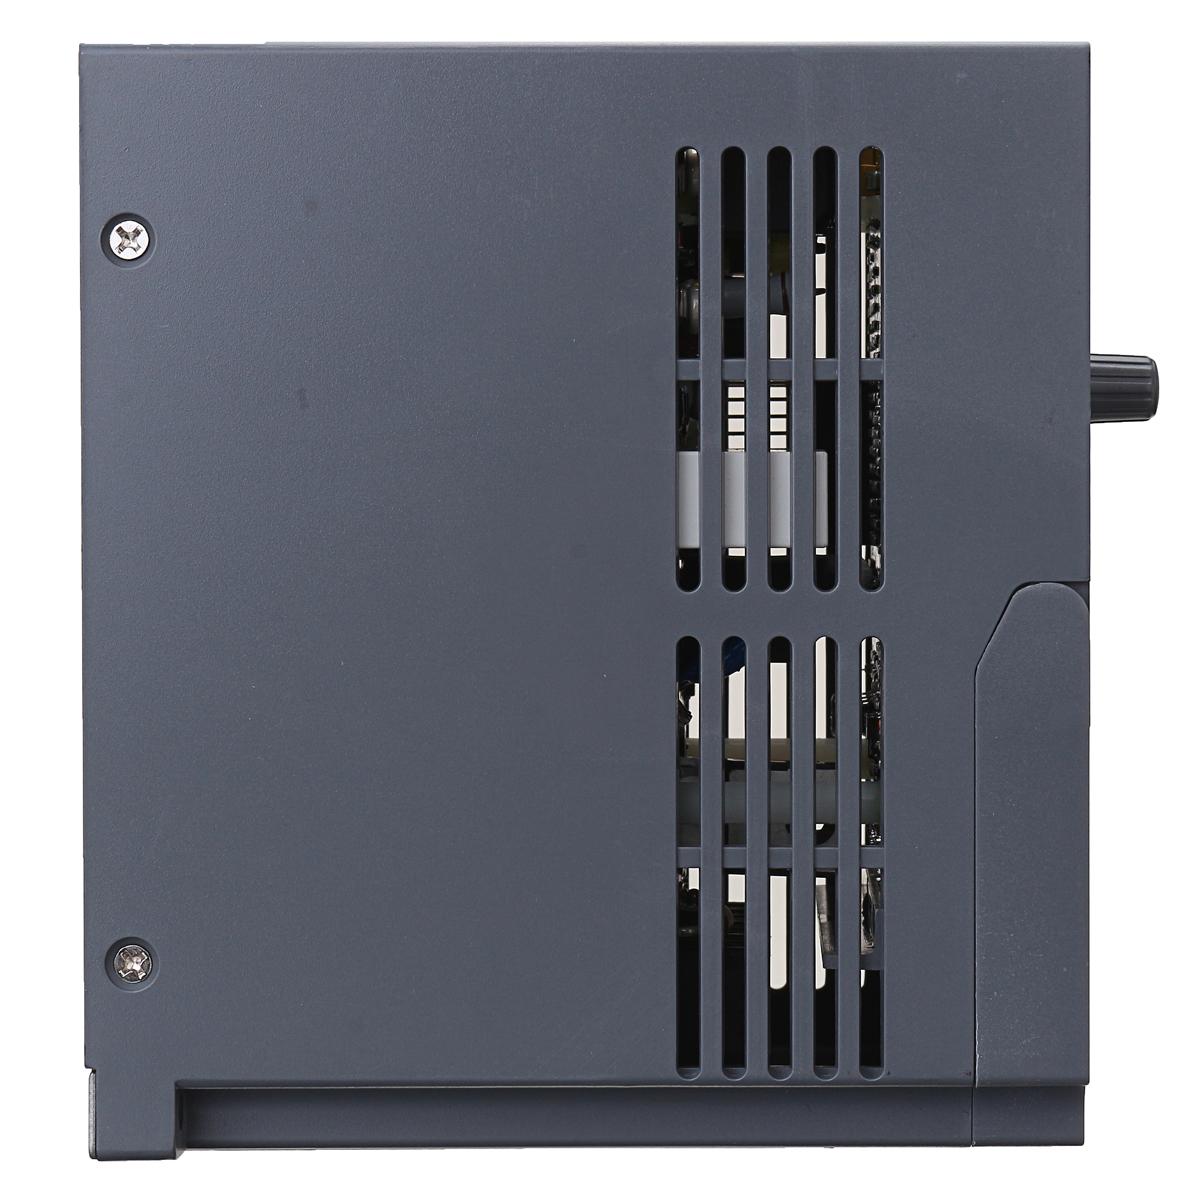 Single Phase Variable Inverter